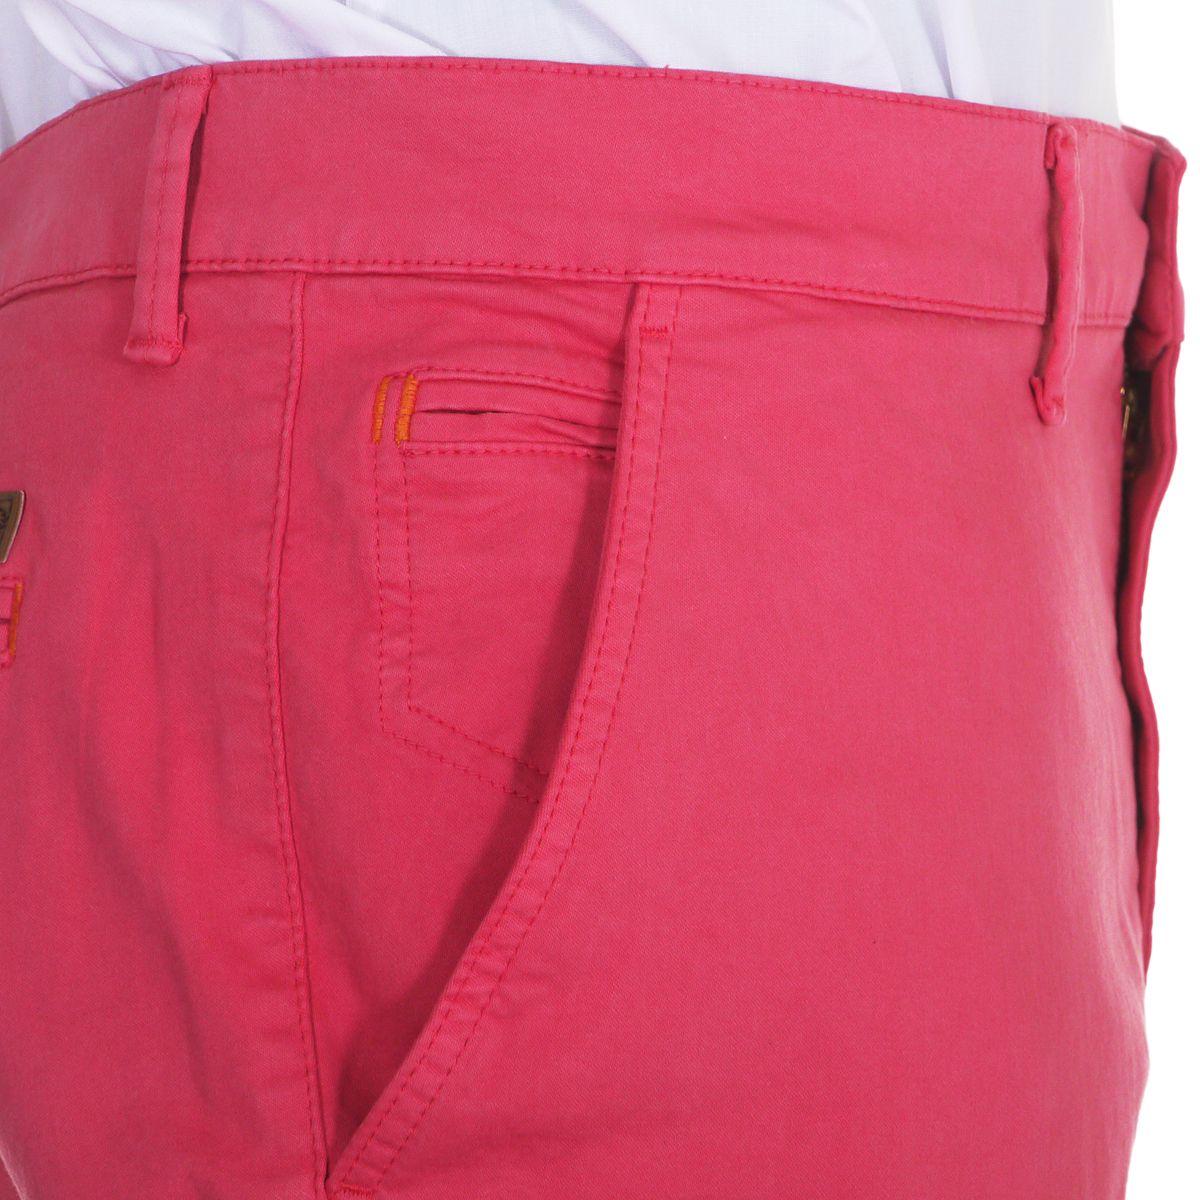 le parfum de la beaut pantalon homme grande taille 64. Black Bedroom Furniture Sets. Home Design Ideas